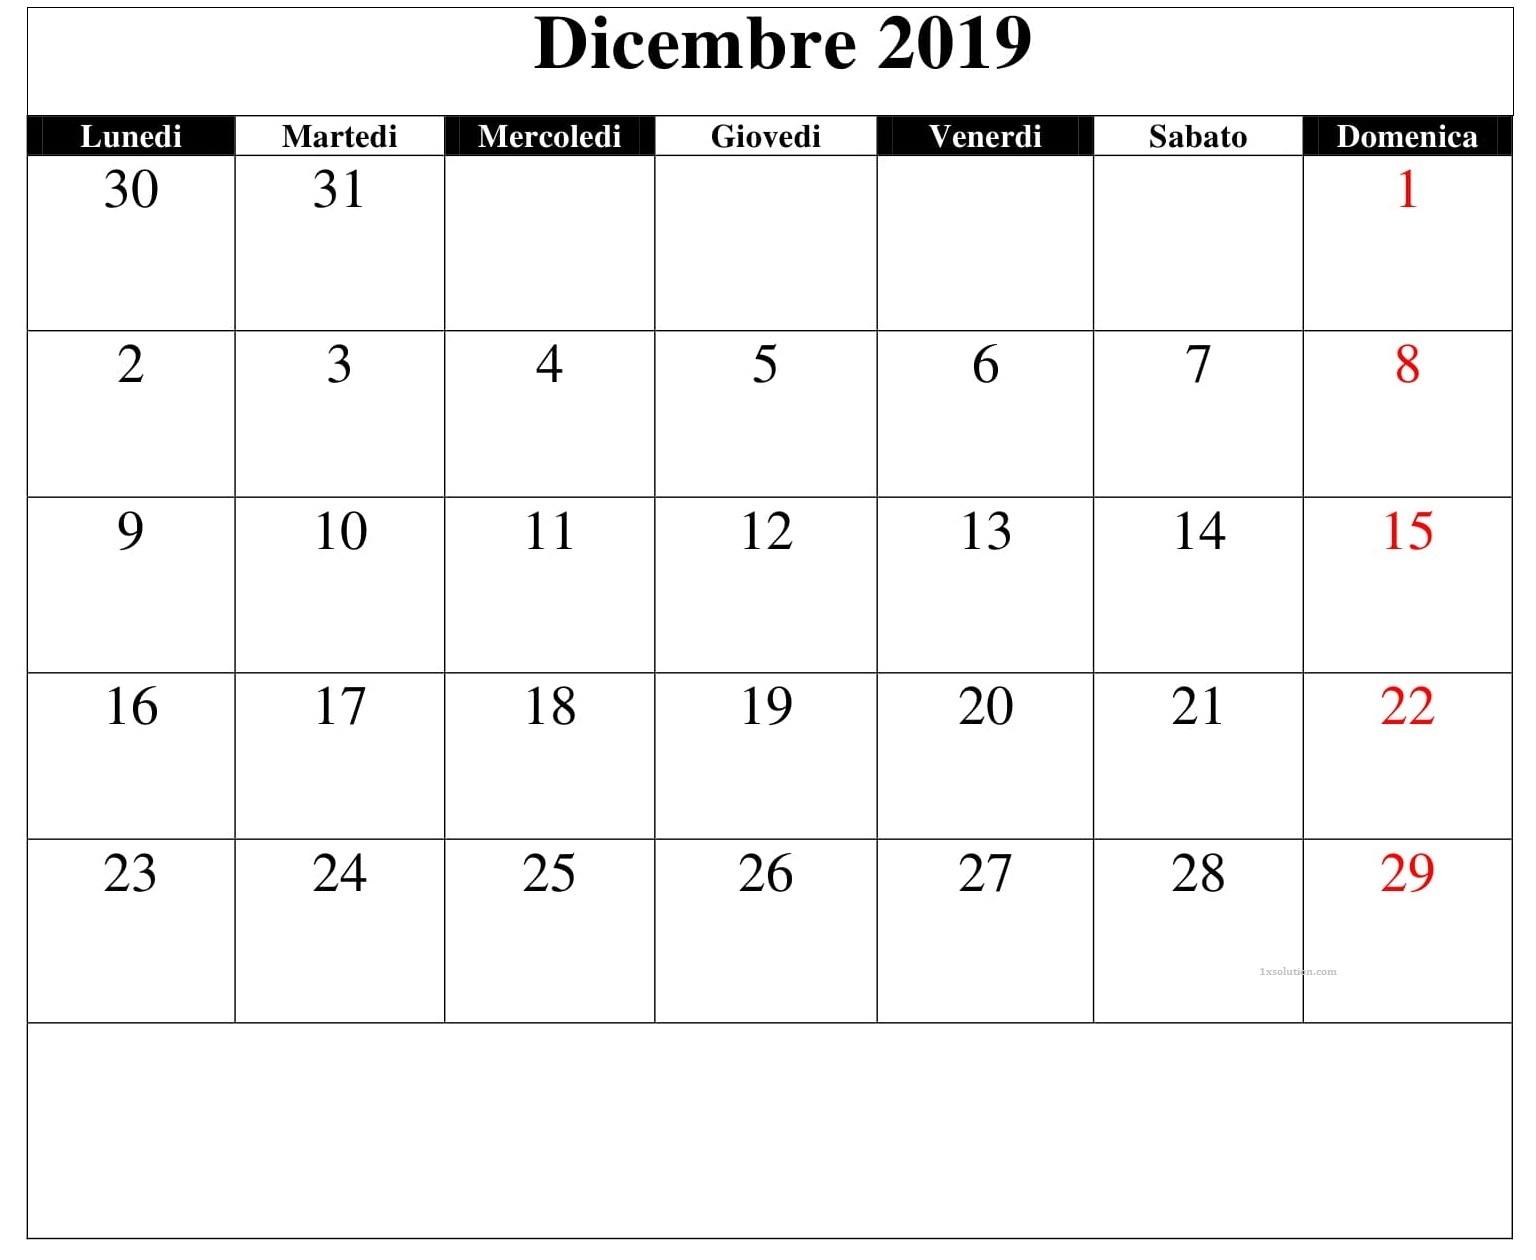 Calendario Dicembre 2019 Da Stampare